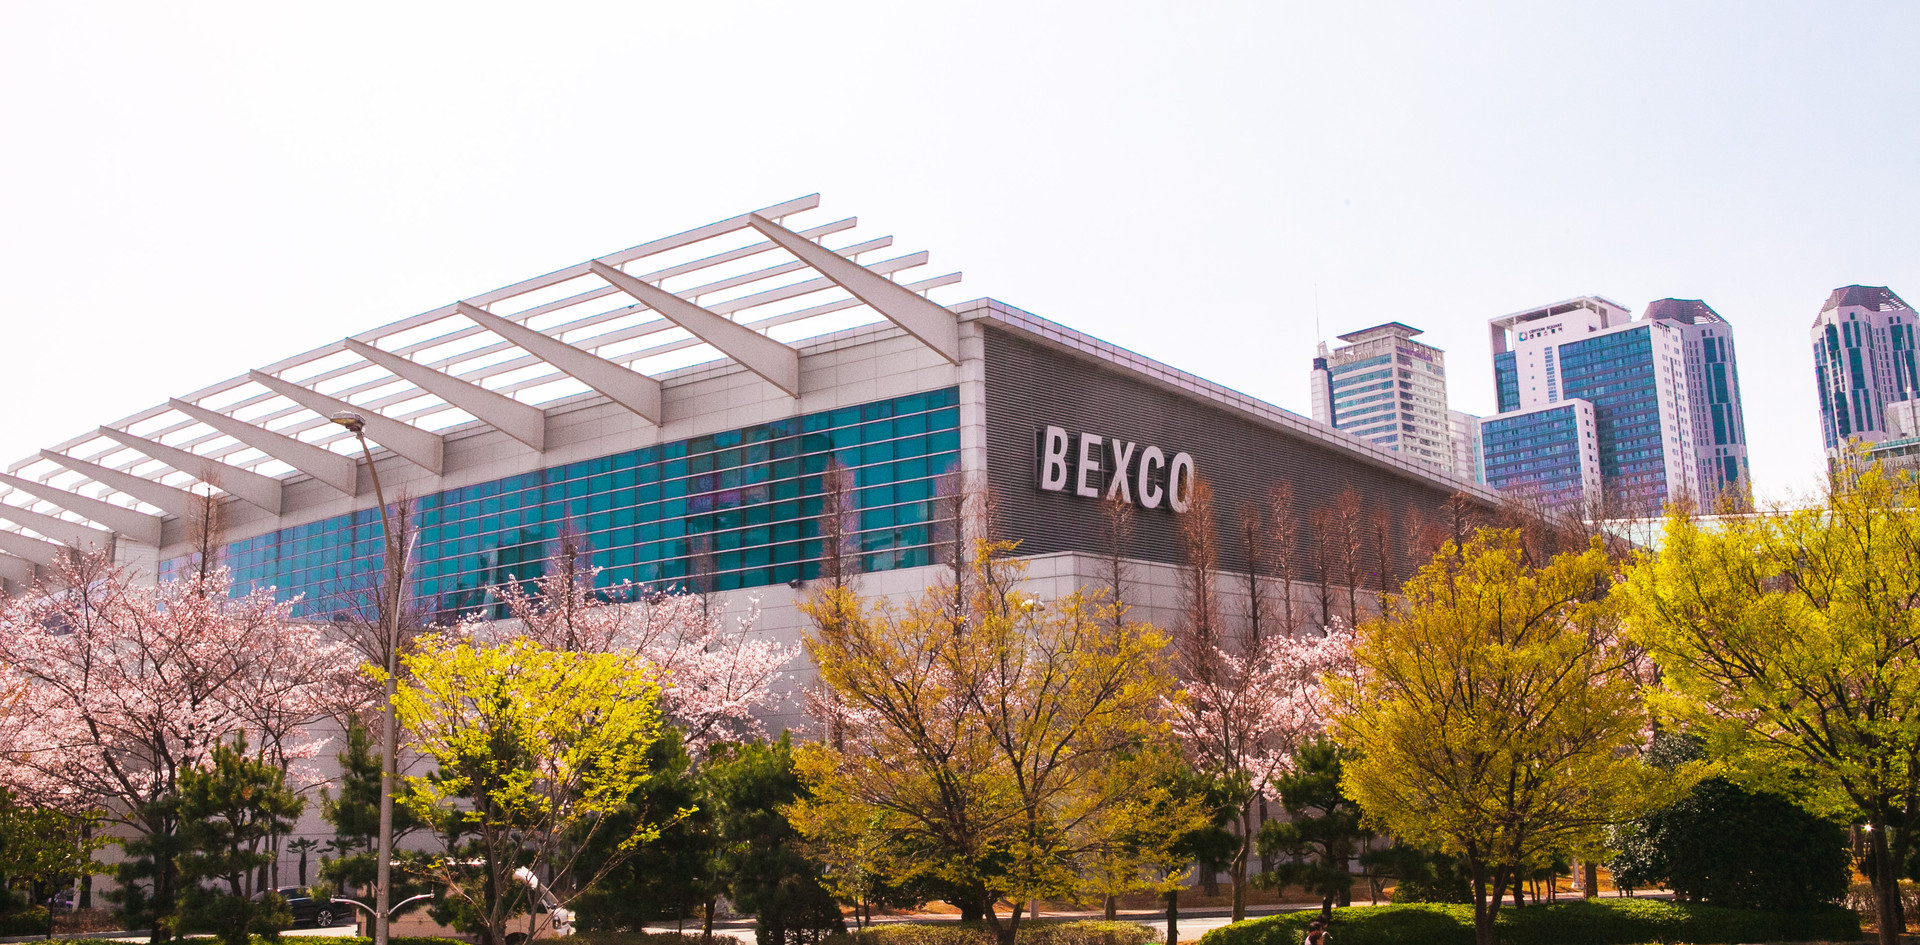 Bexco